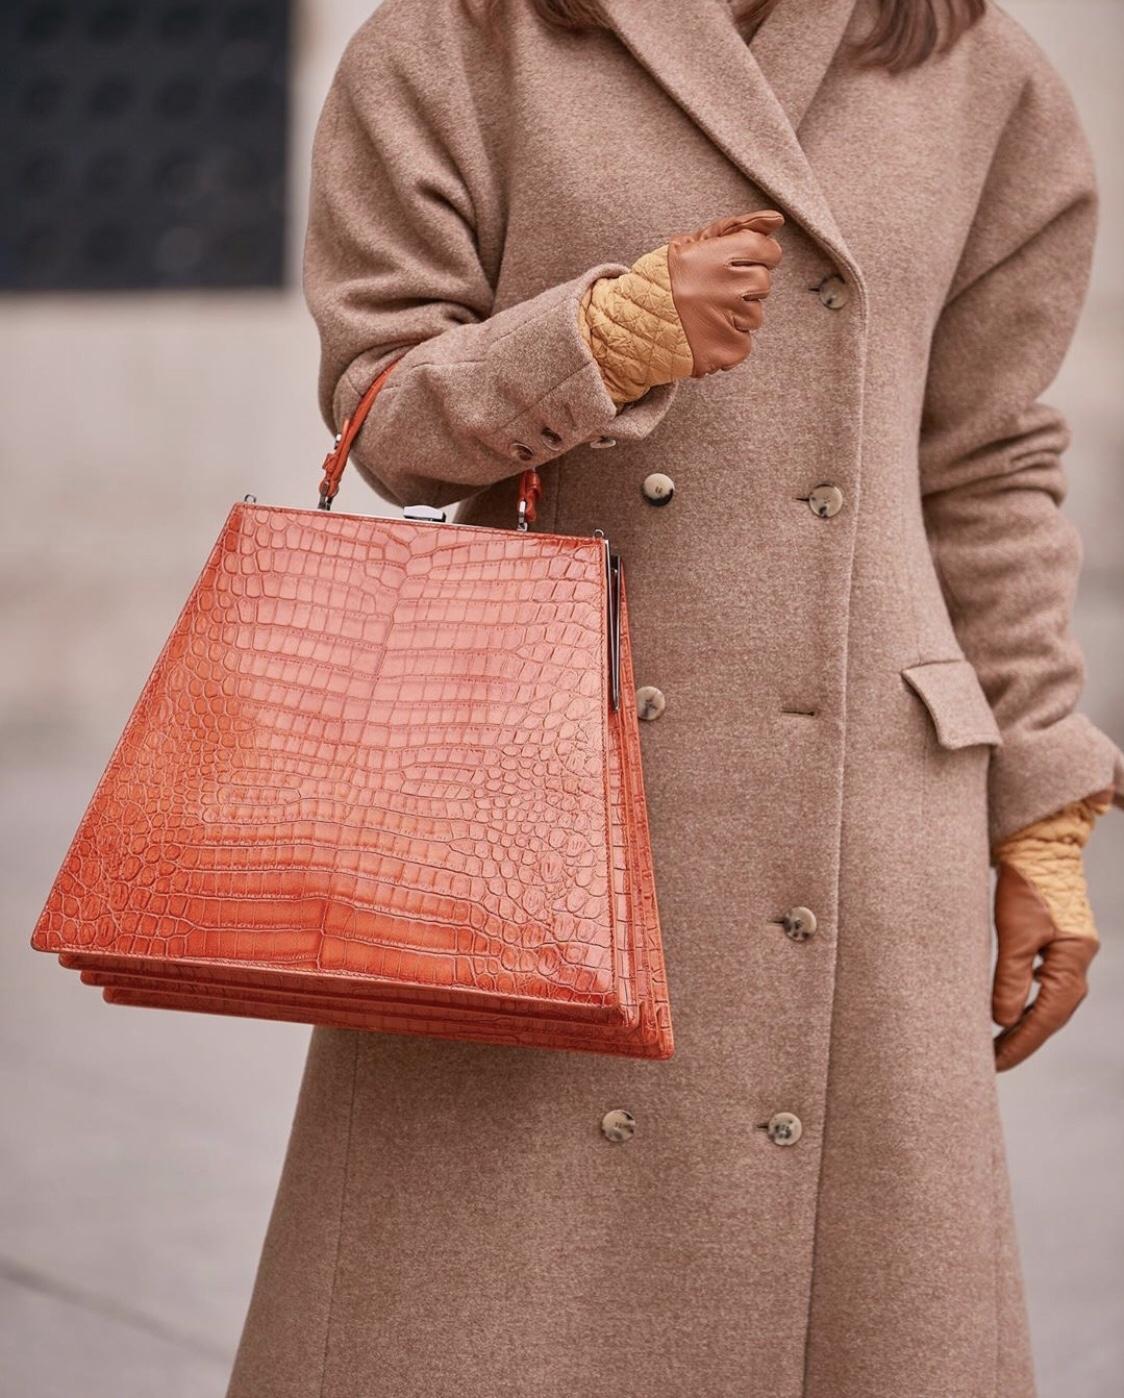 PFW SS20 Street Style Fall 2019 Paris Fashion Week Julia Comil nehera coat chanta large orange bag isa wandler pumps, quilted gloves Nehera